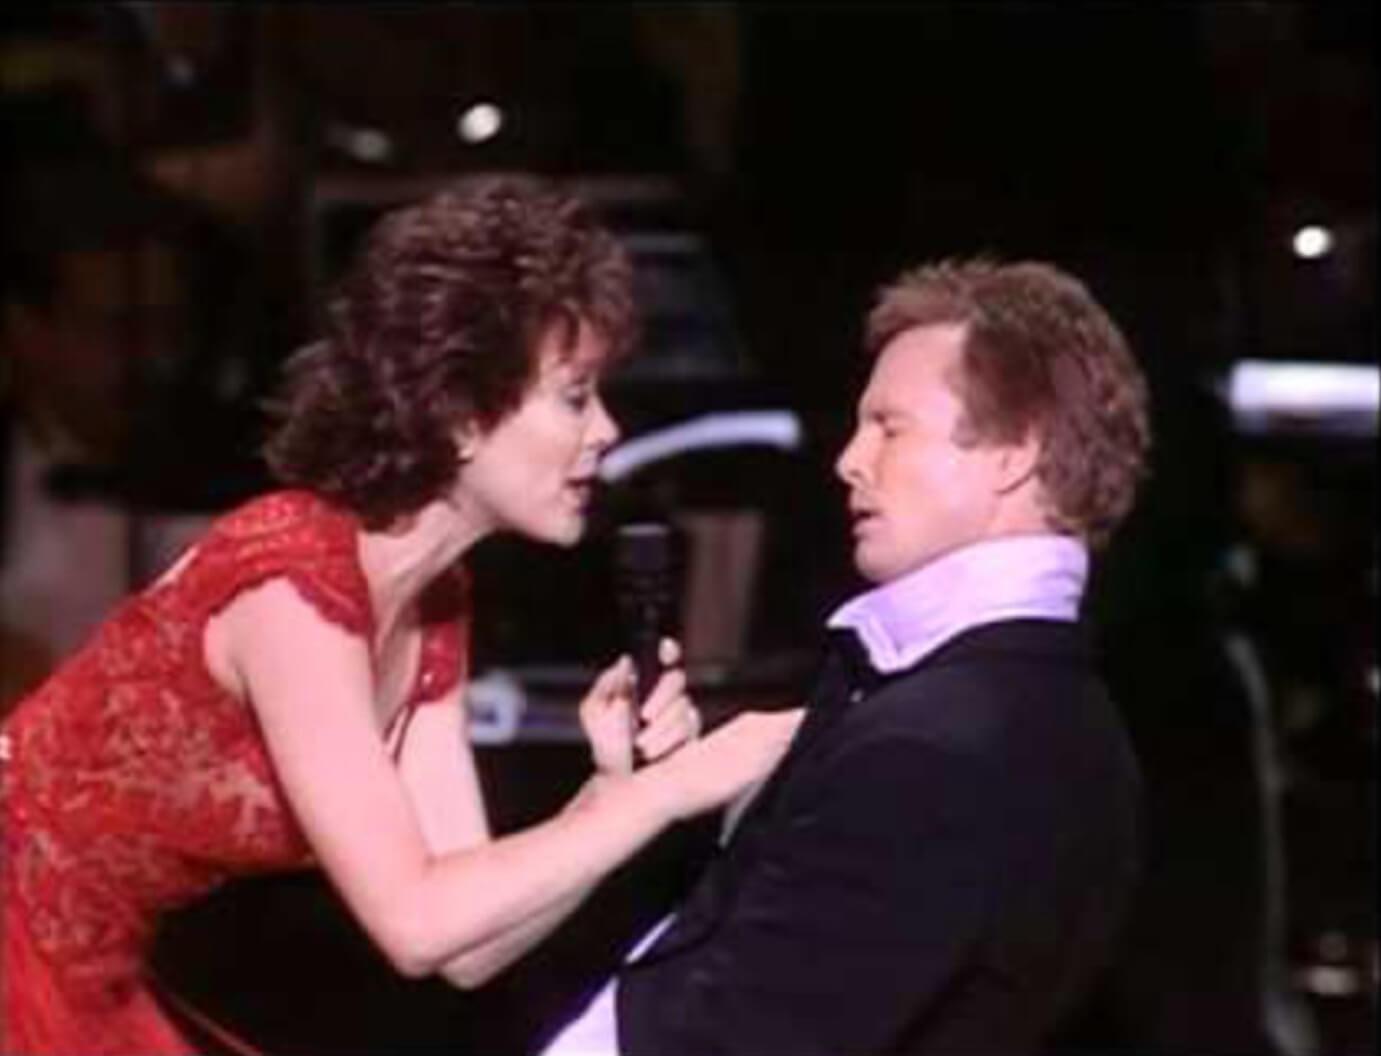 Karen Ziemba in a beautiful red dress convincing Bill Irwin.